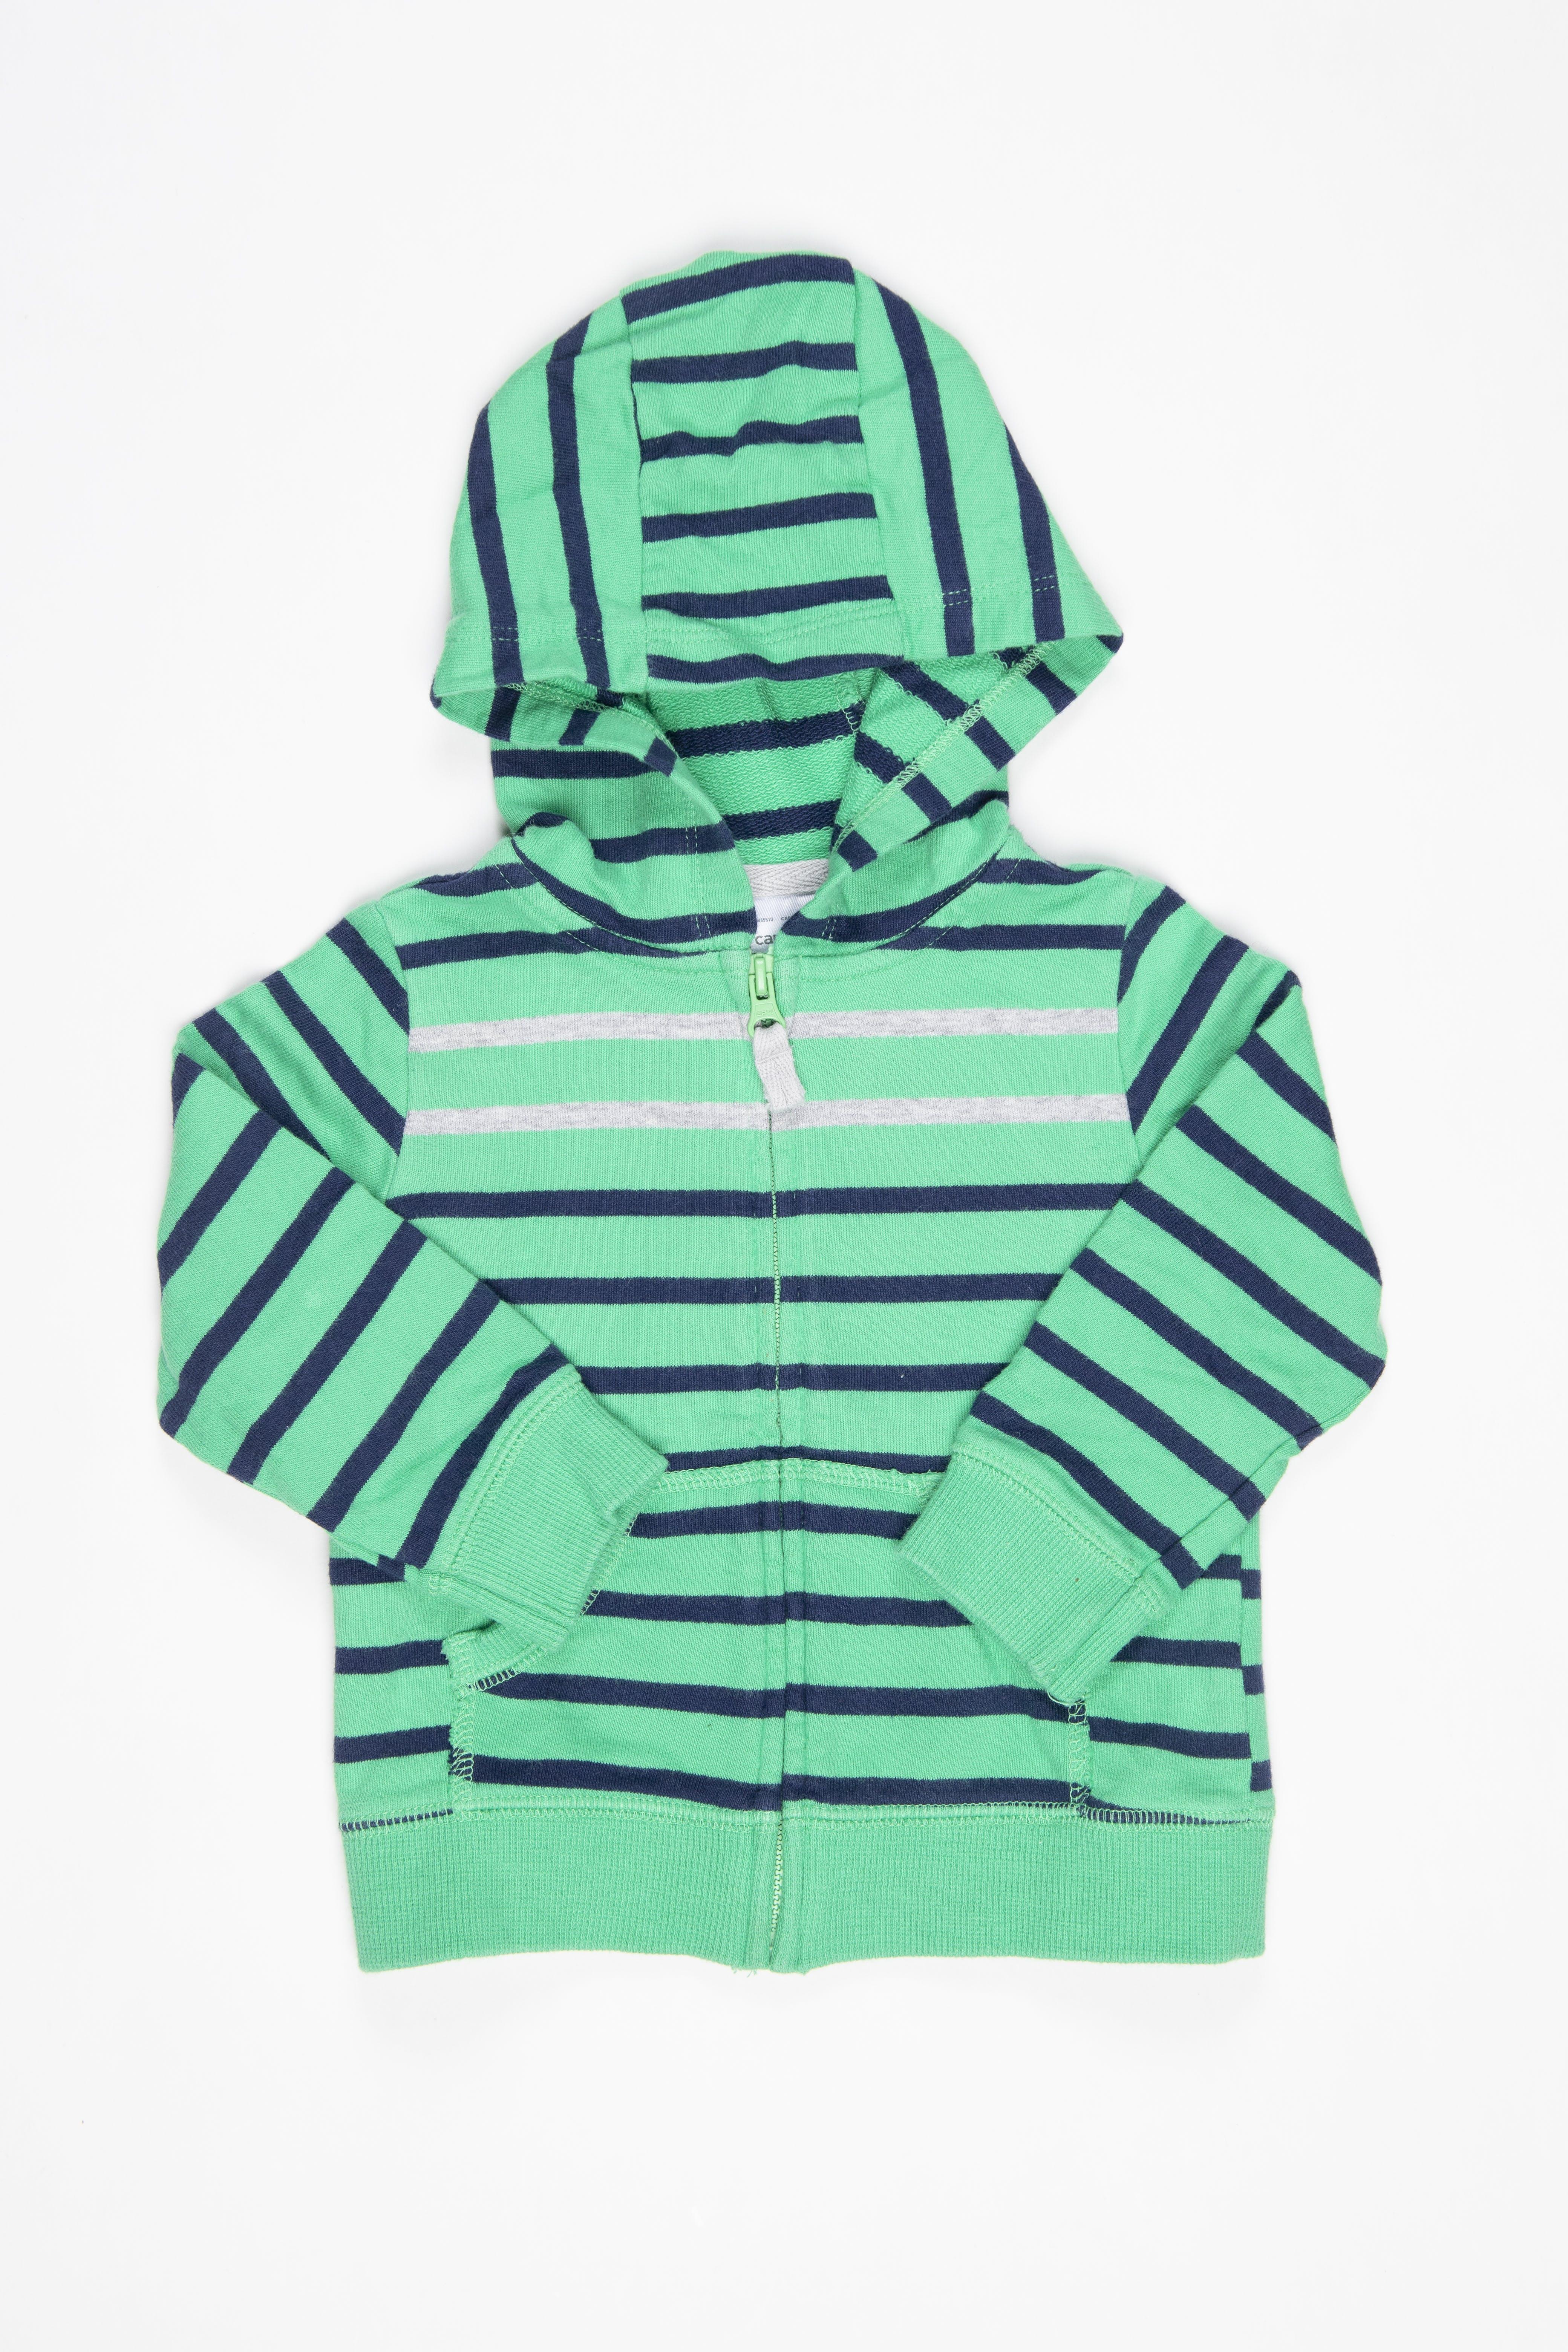 Casaca verde rayas azules y grises con capucha - Carter's